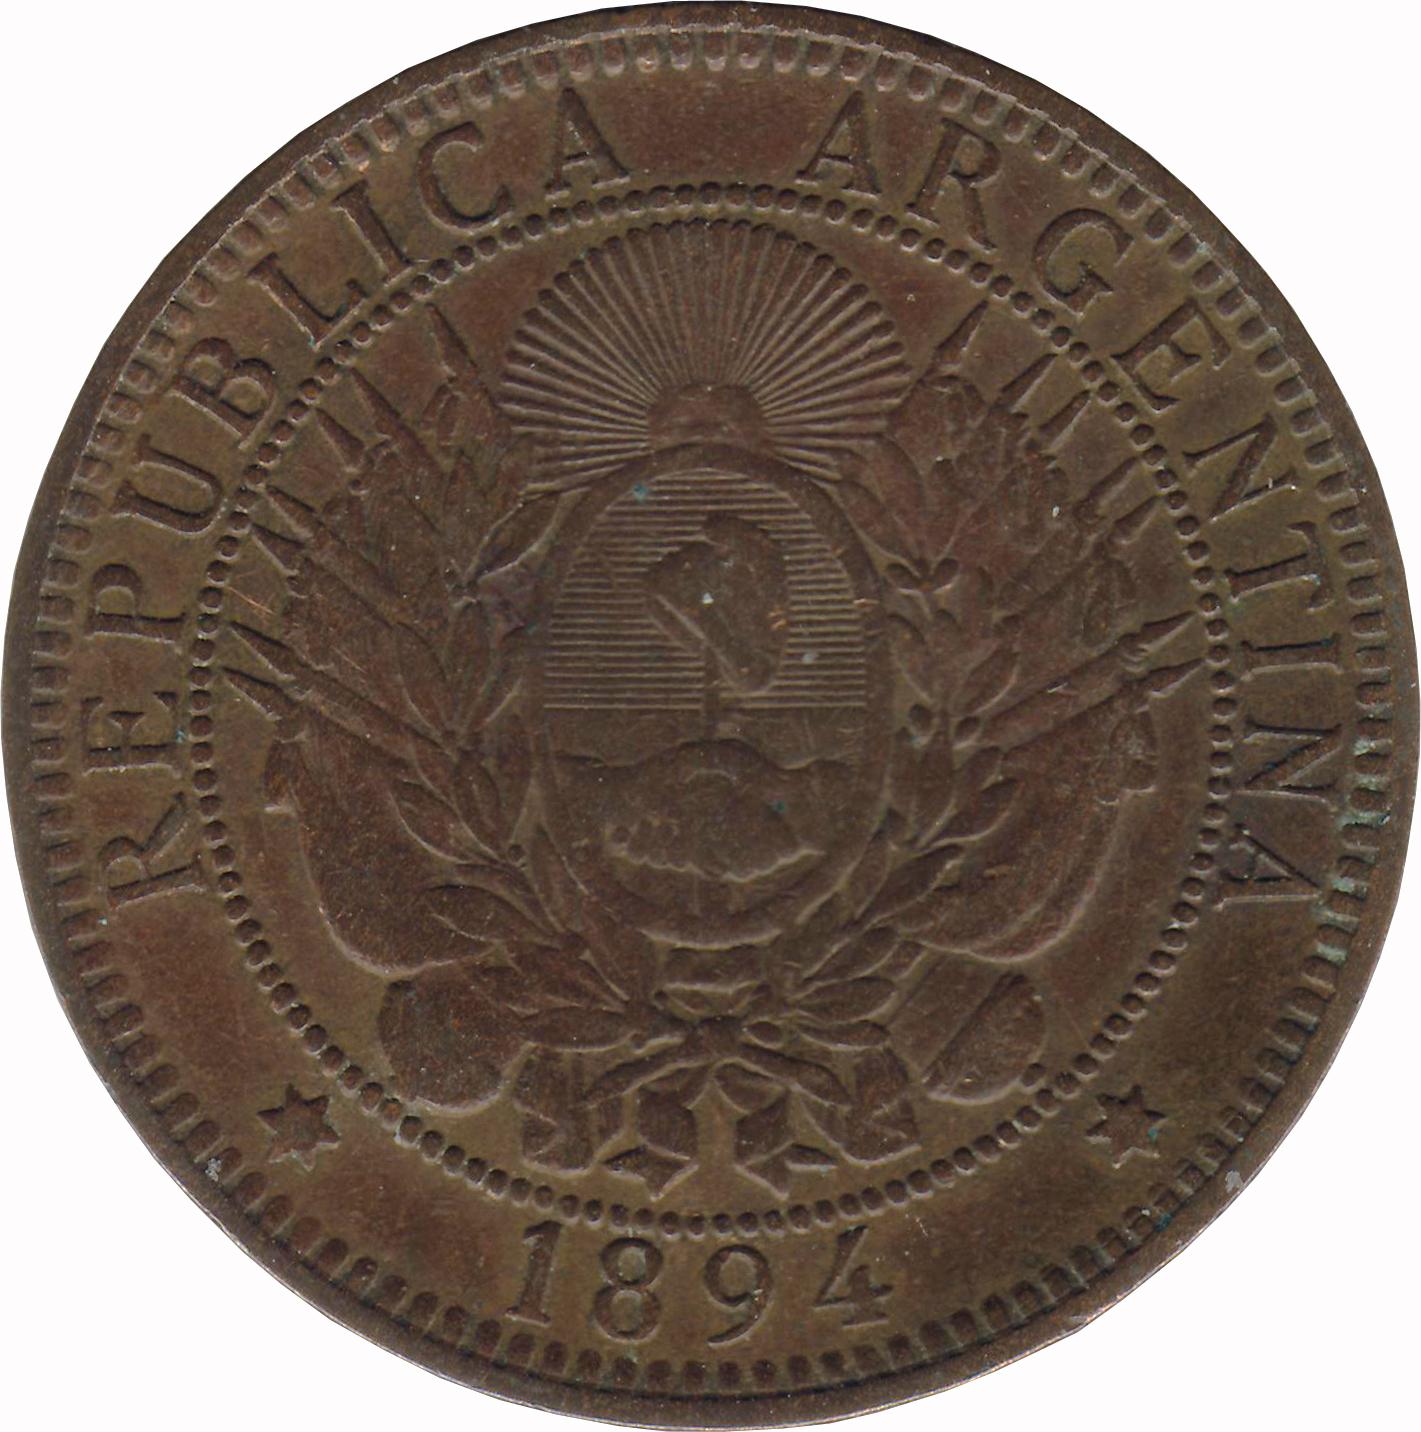 2 Centavos Argentine Numista